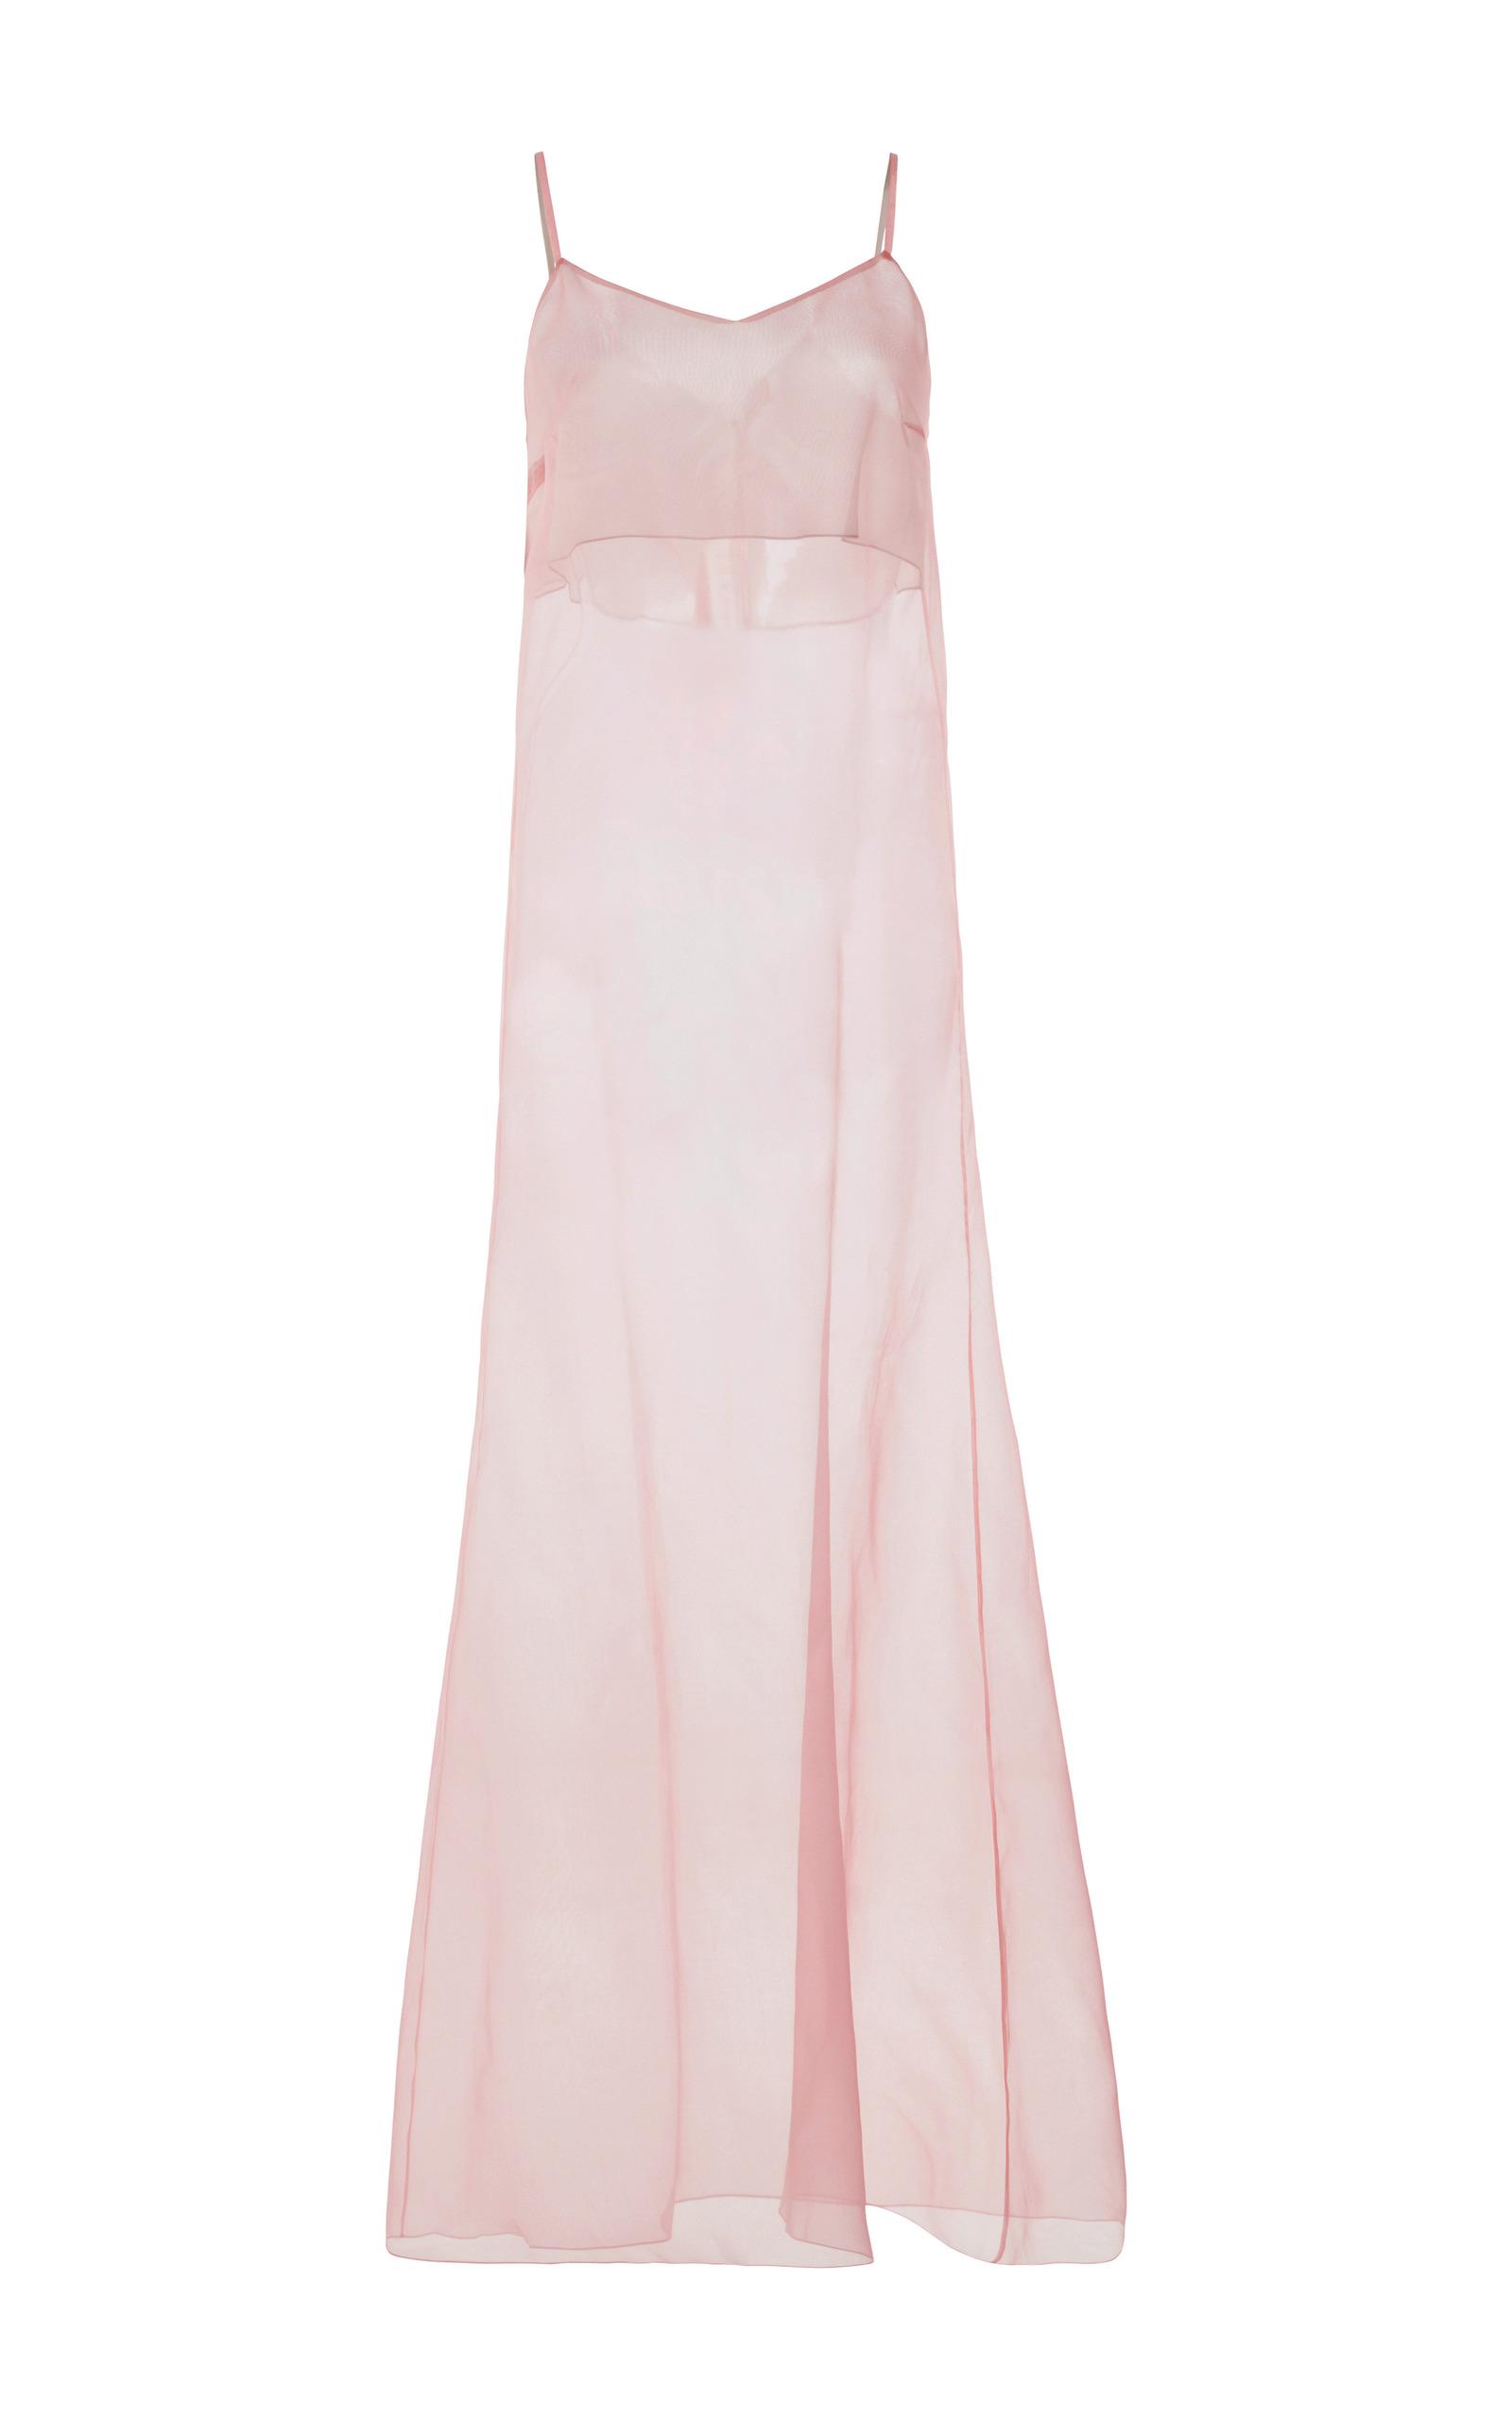 f474a410be905 Full Length Slips For Maxi Dresses - raveitsafe